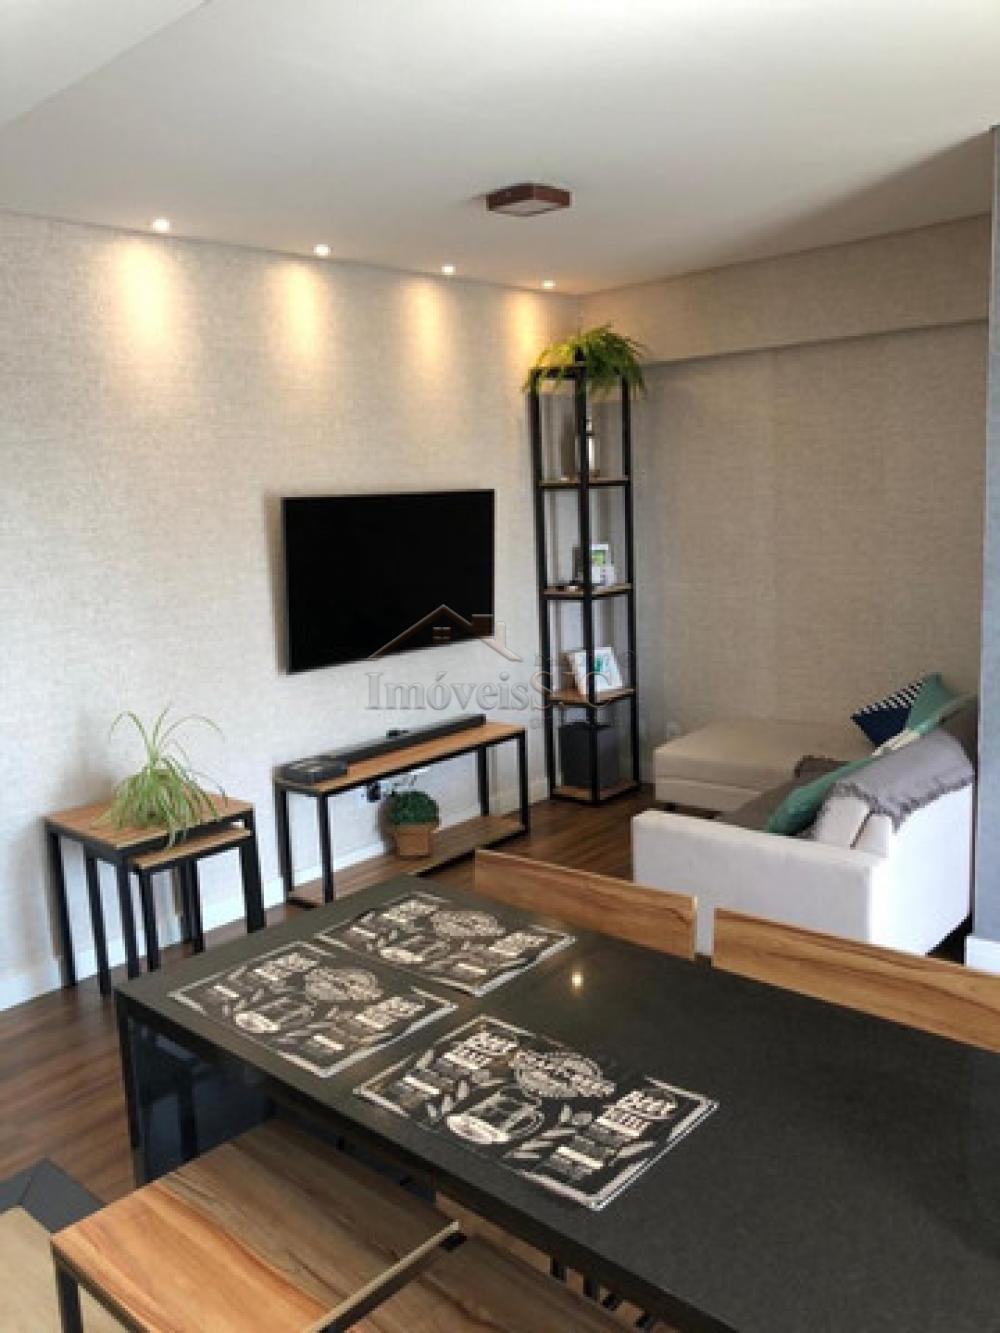 Comprar Apartamentos / Padrão em São José dos Campos R$ 392.000,00 - Foto 2